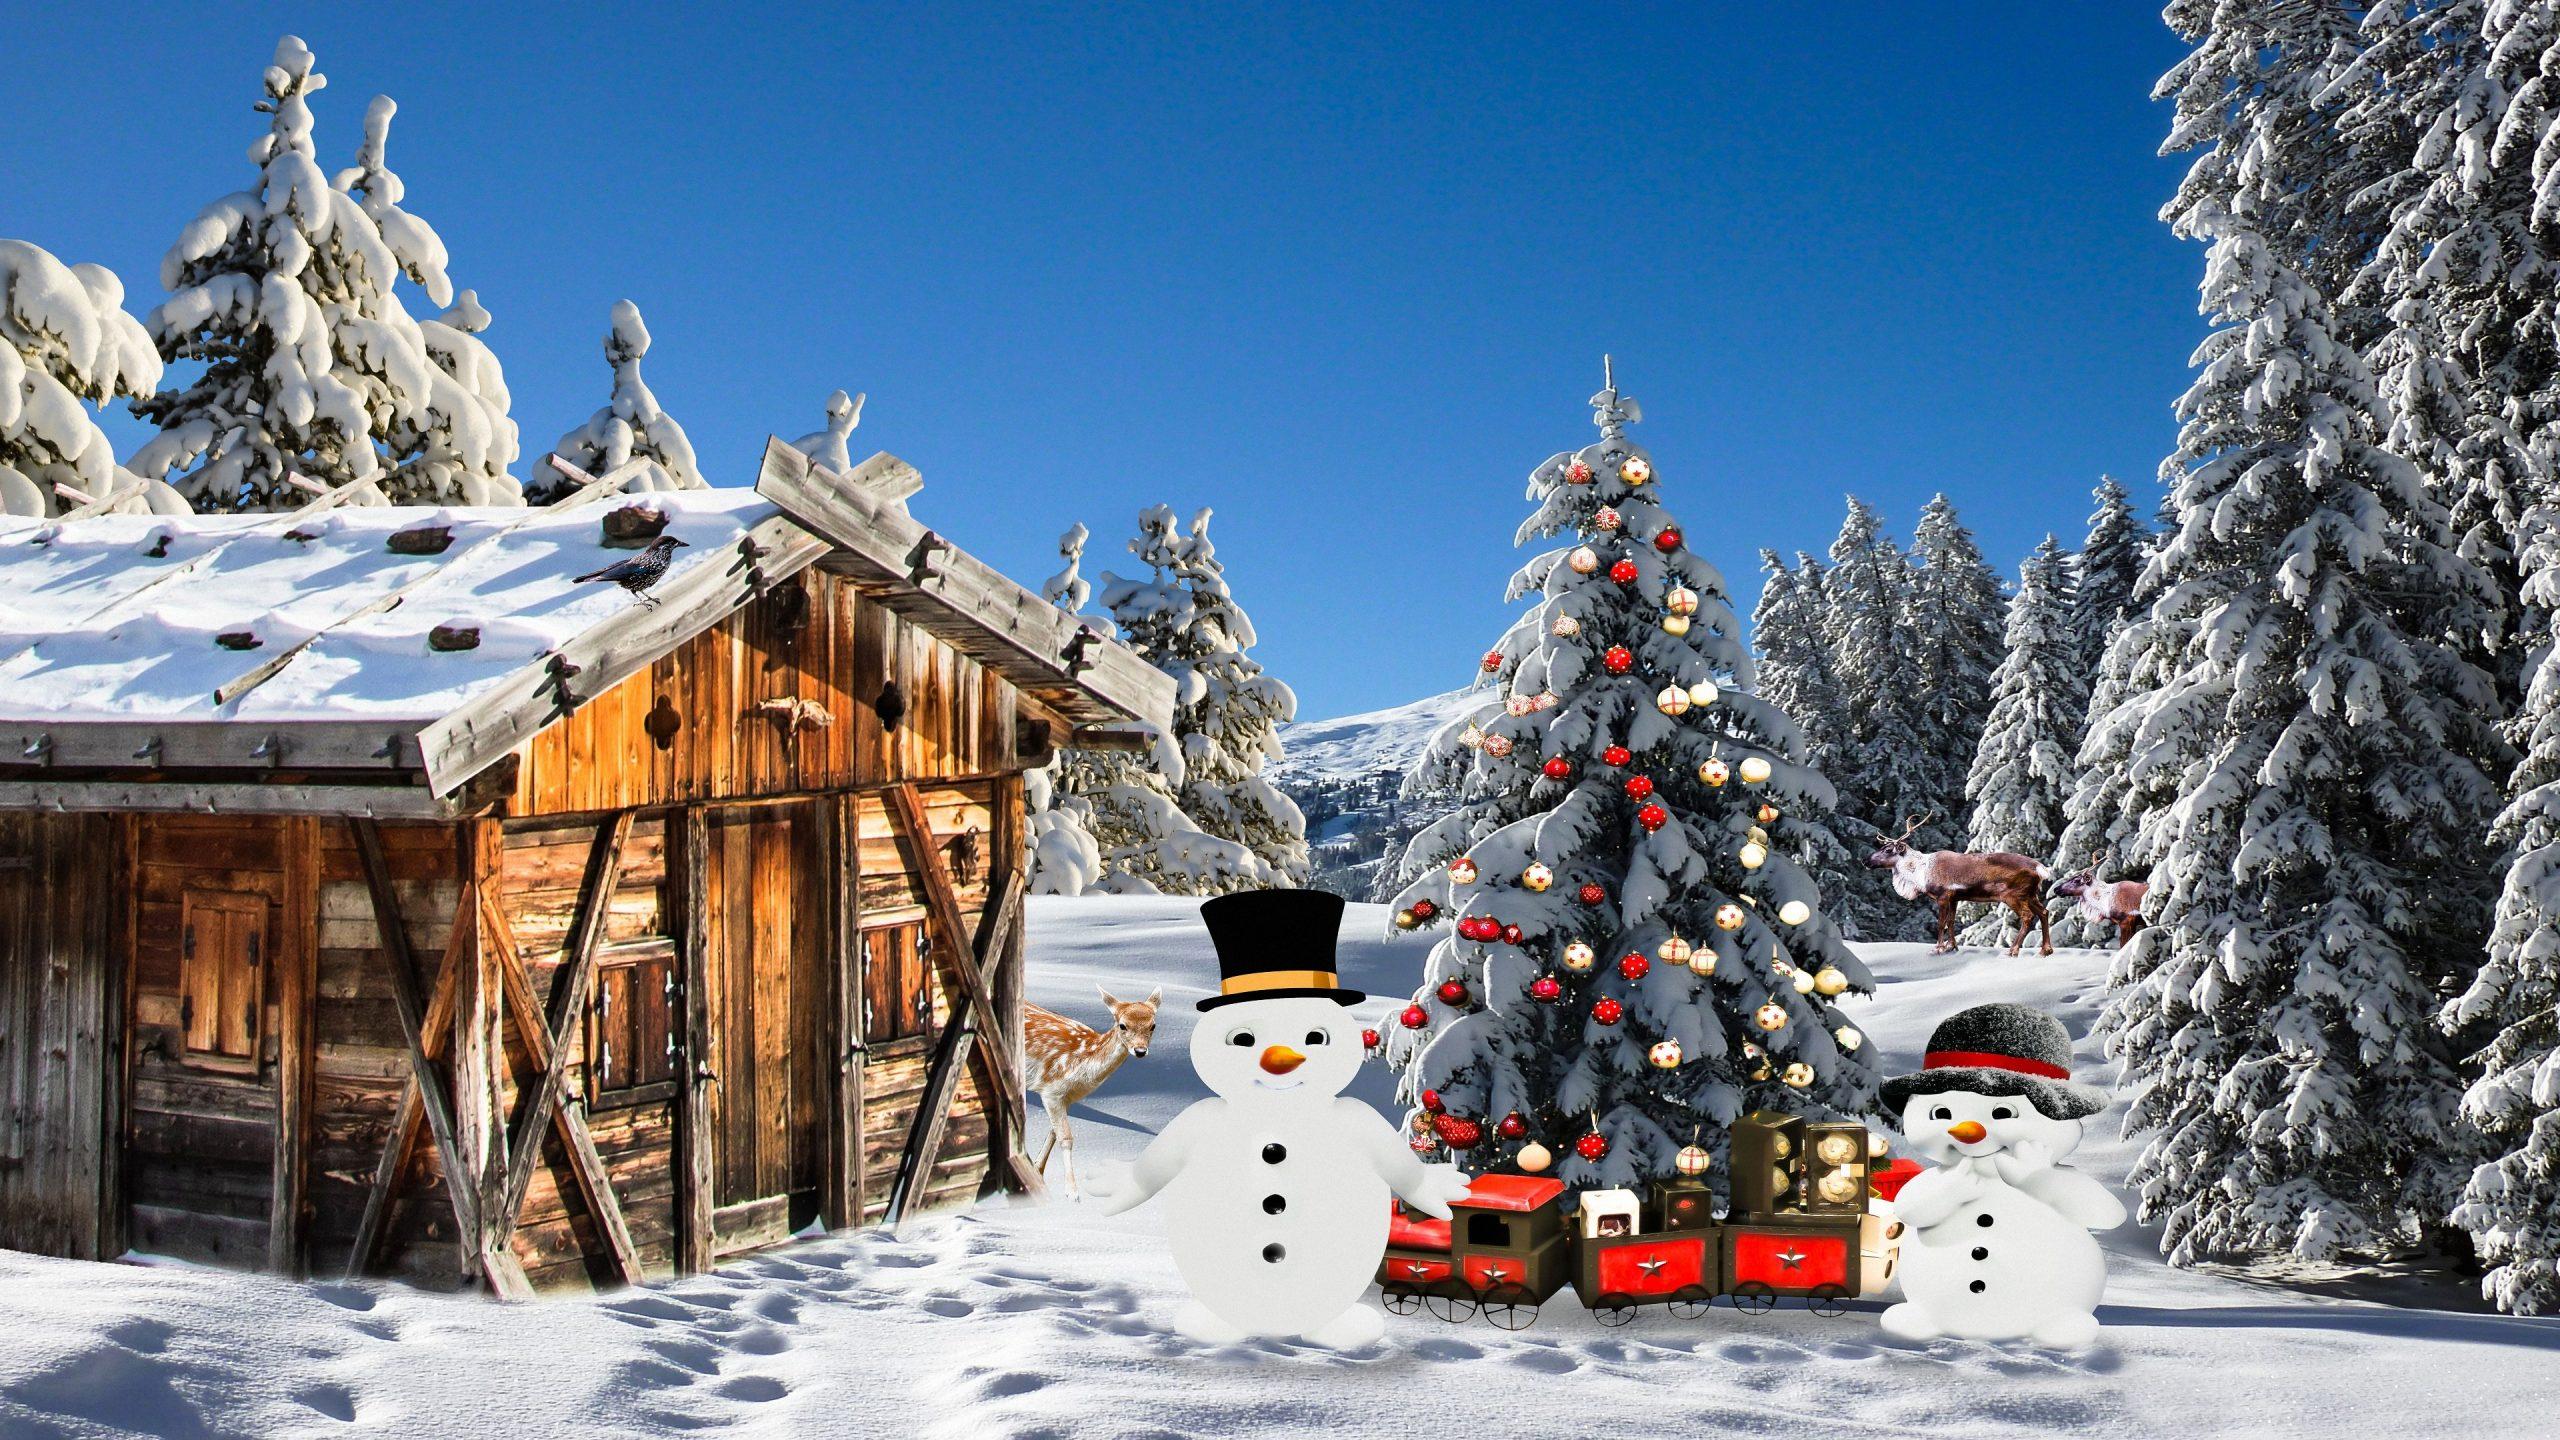 Pc Hintergrundbilder Weihnachten Kostenlos in Kostenlos Weihnachtsbilder Runterladen